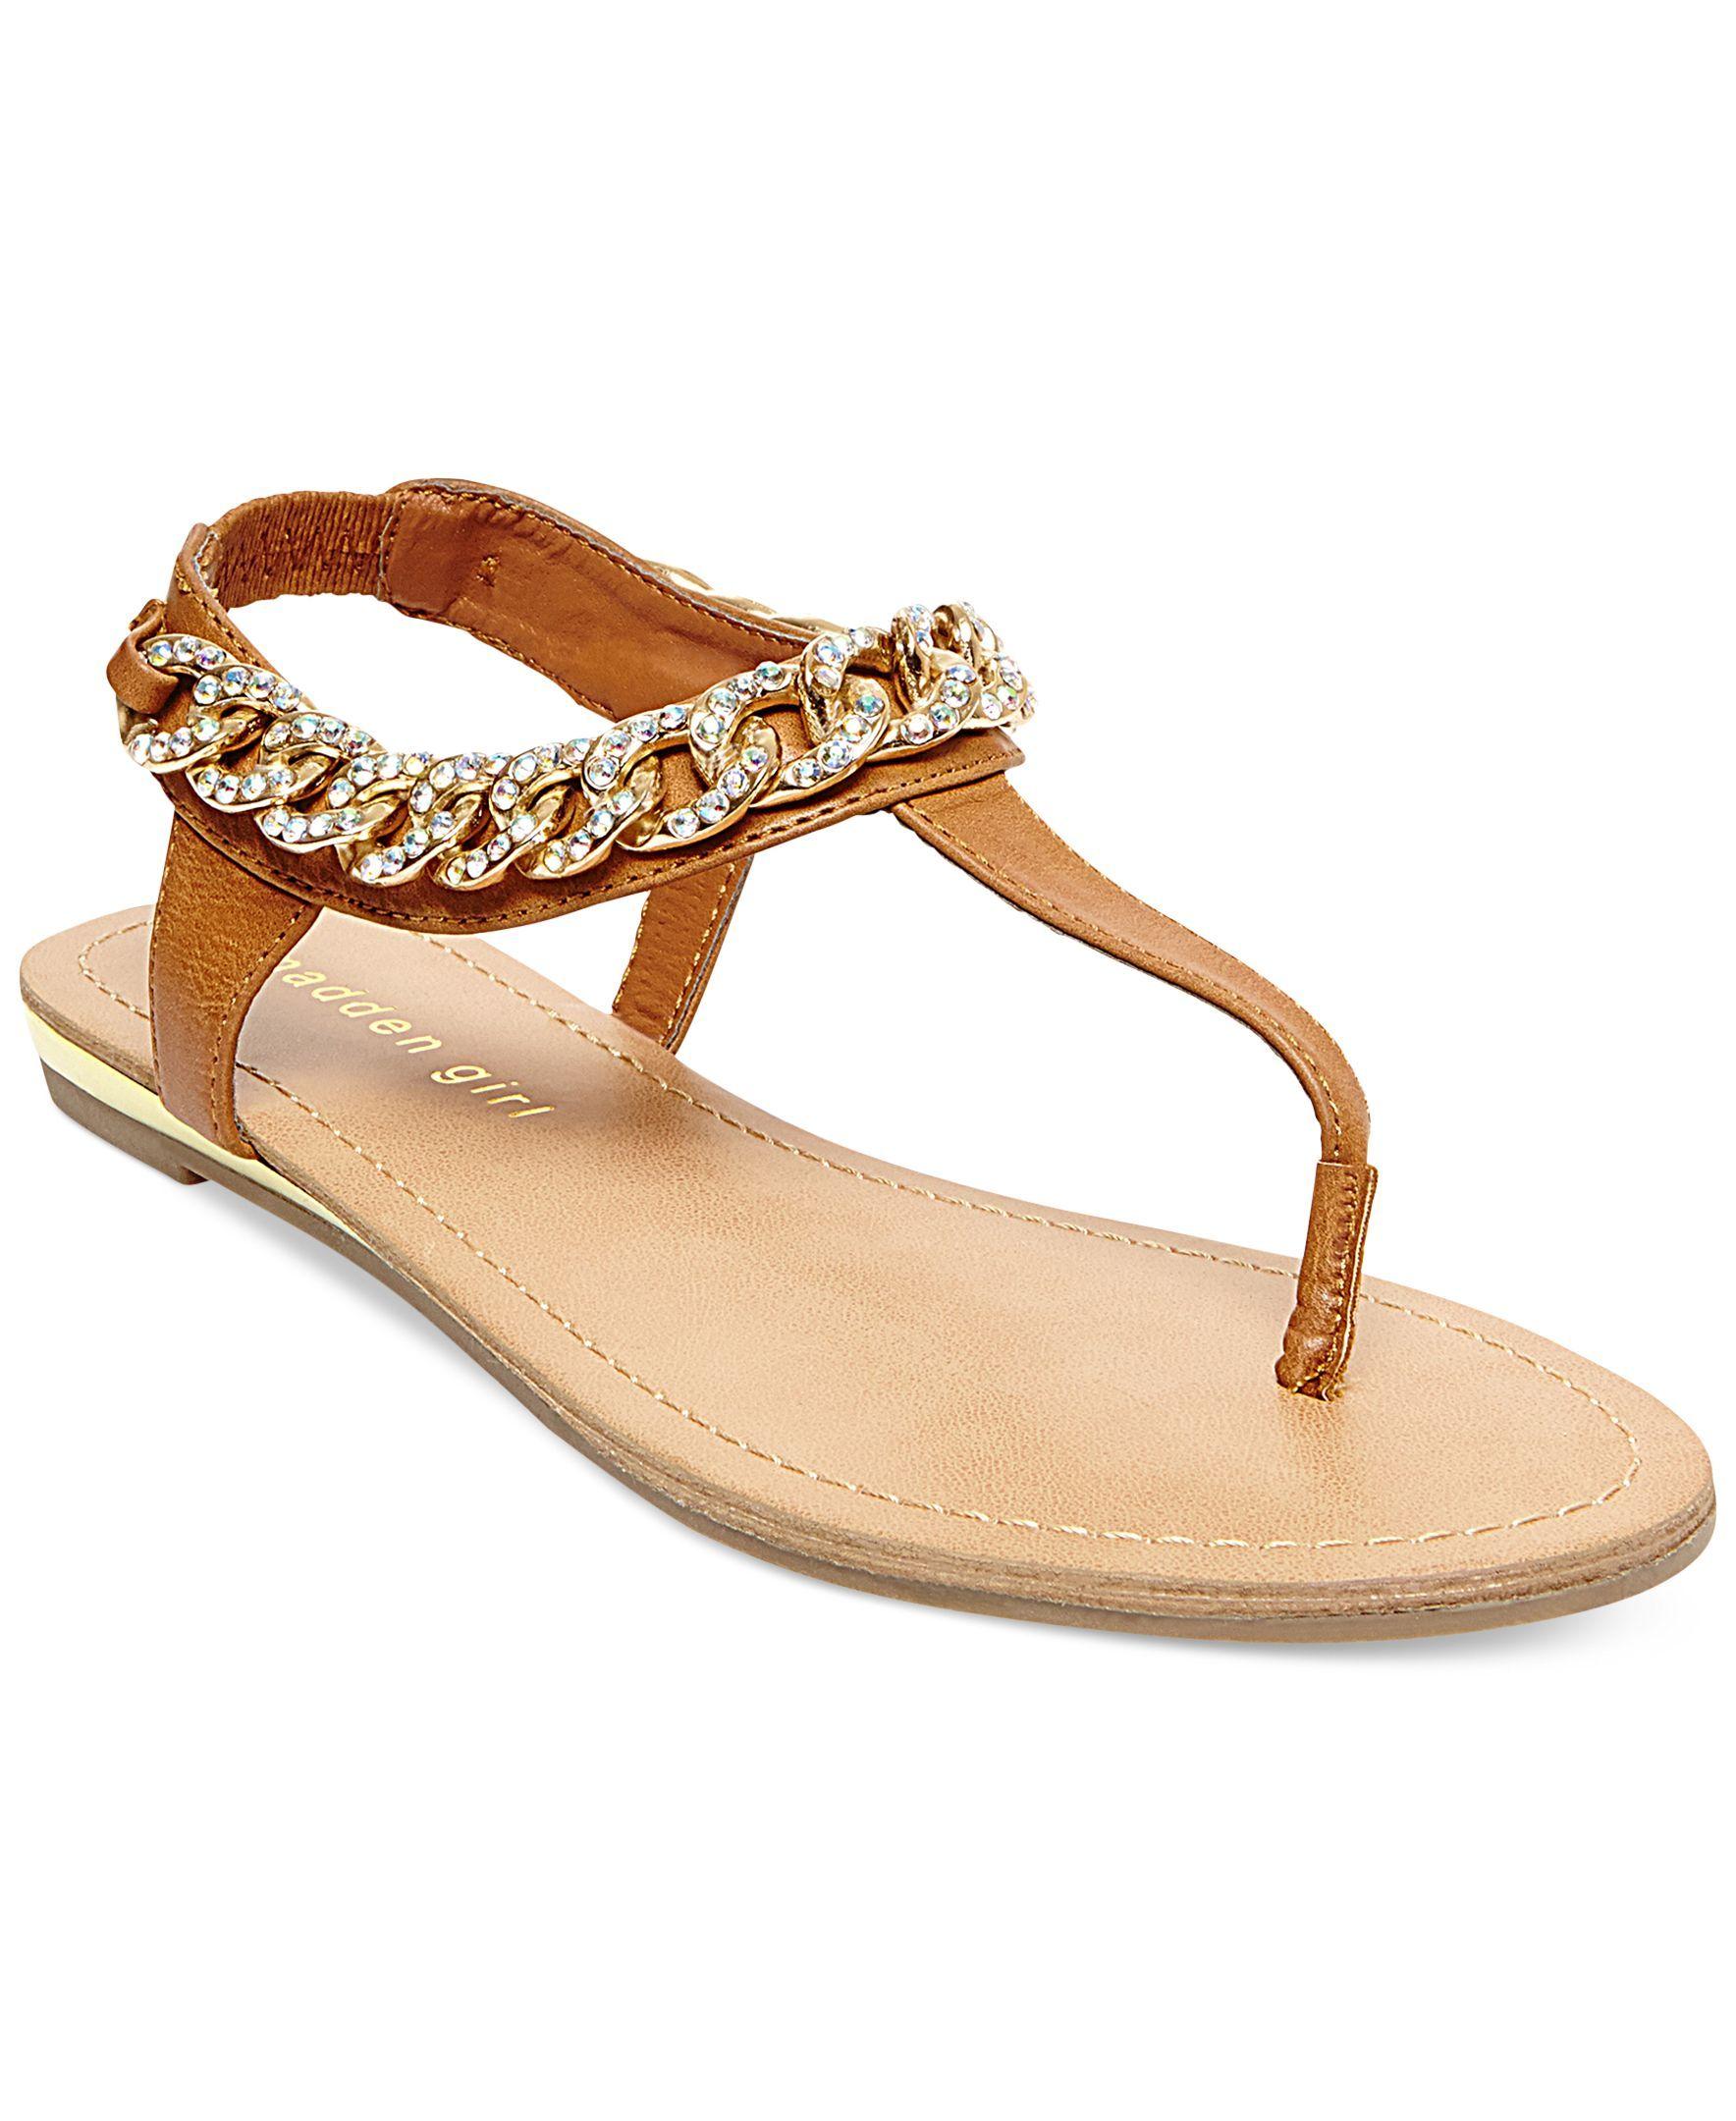 9d873de46 Madden Girl Classic T-Strap Chain Flat Thong Sandals